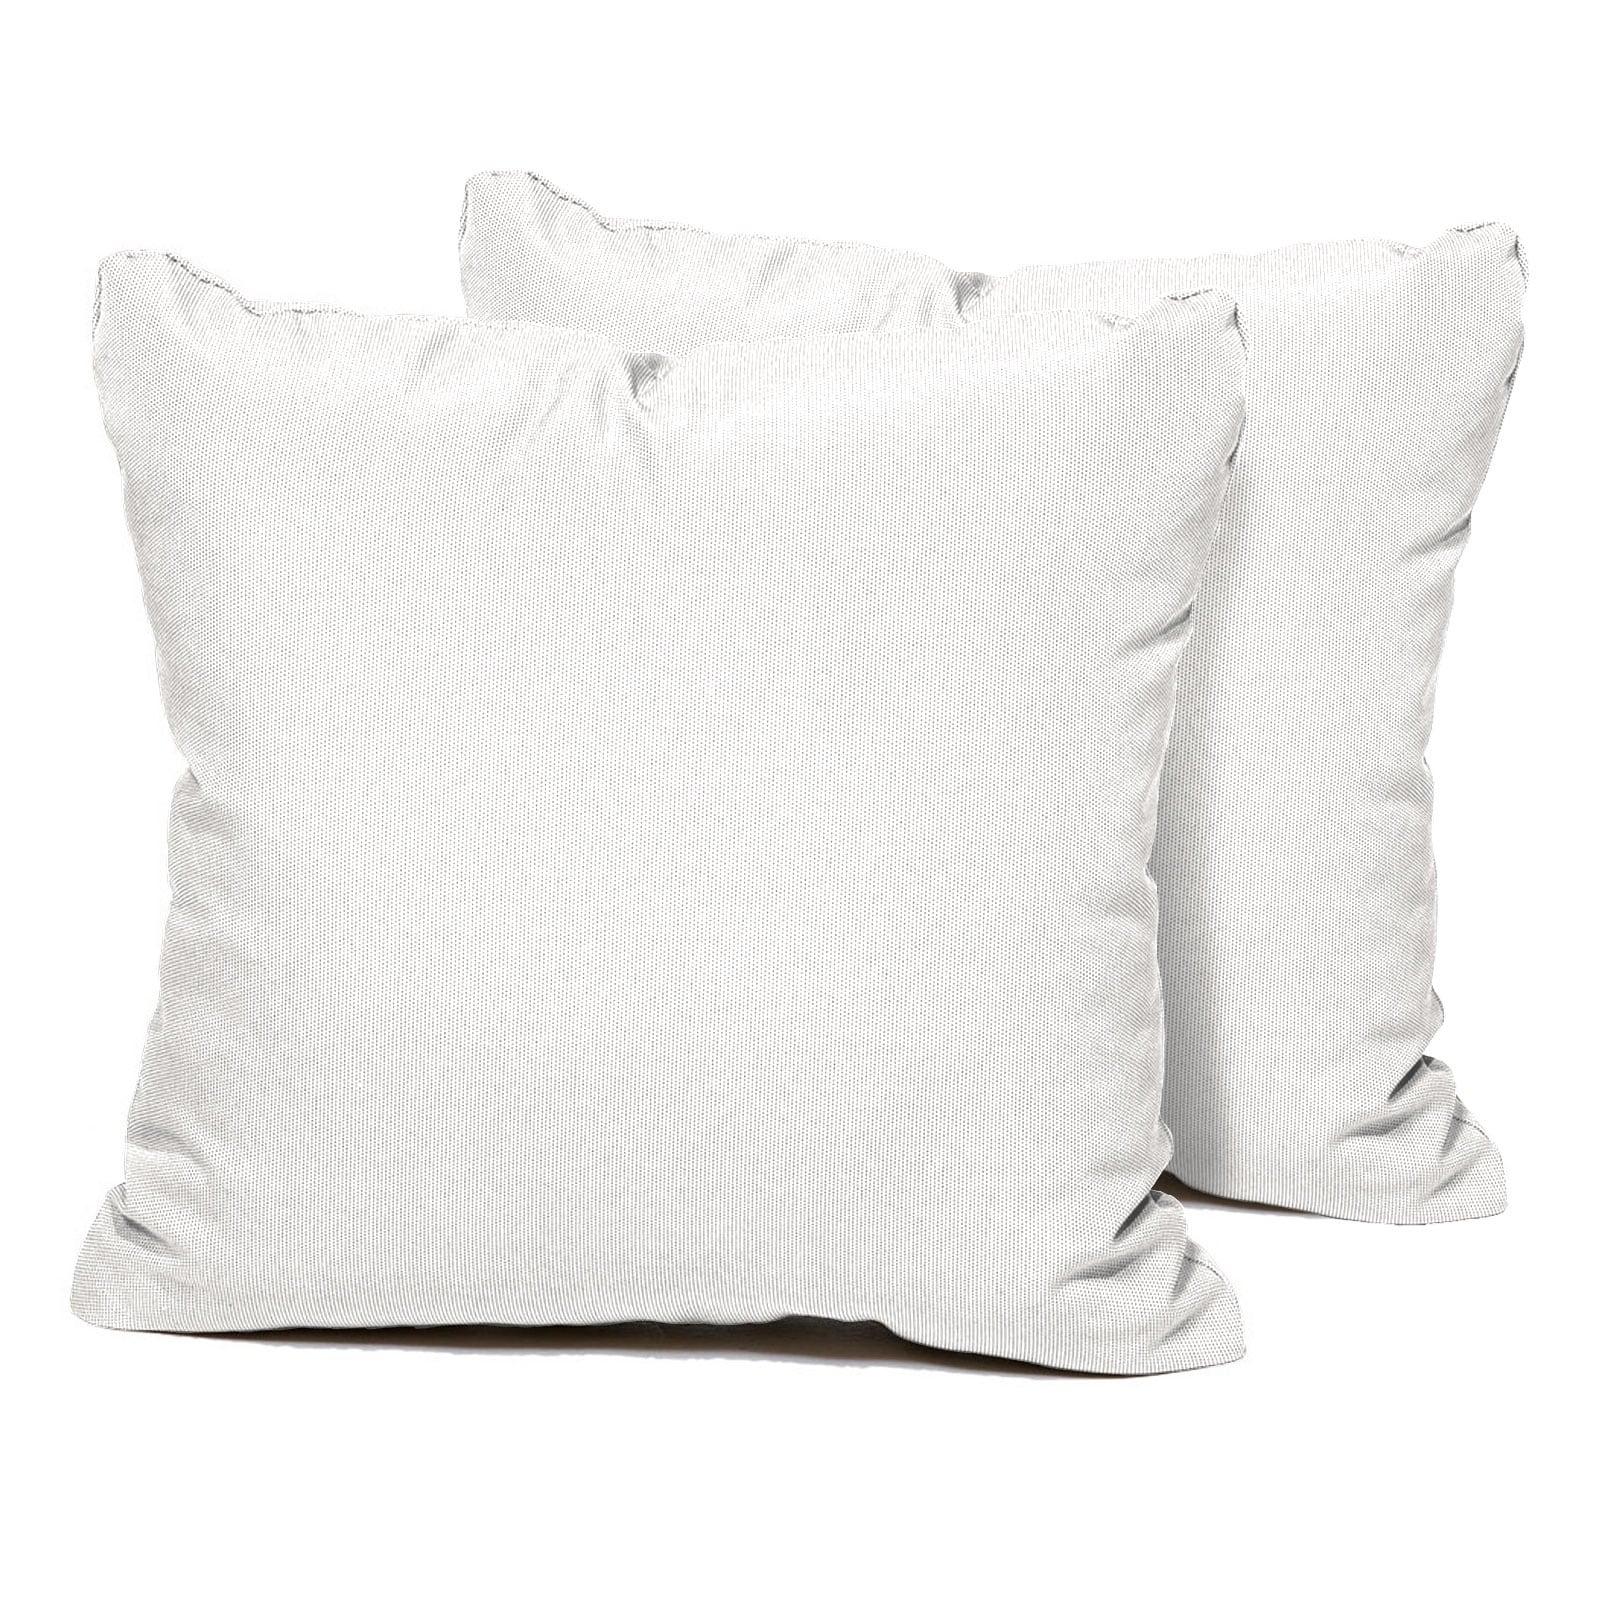 Shop Sail White Outdoor Throw Pillows Square Set Of 2 Free